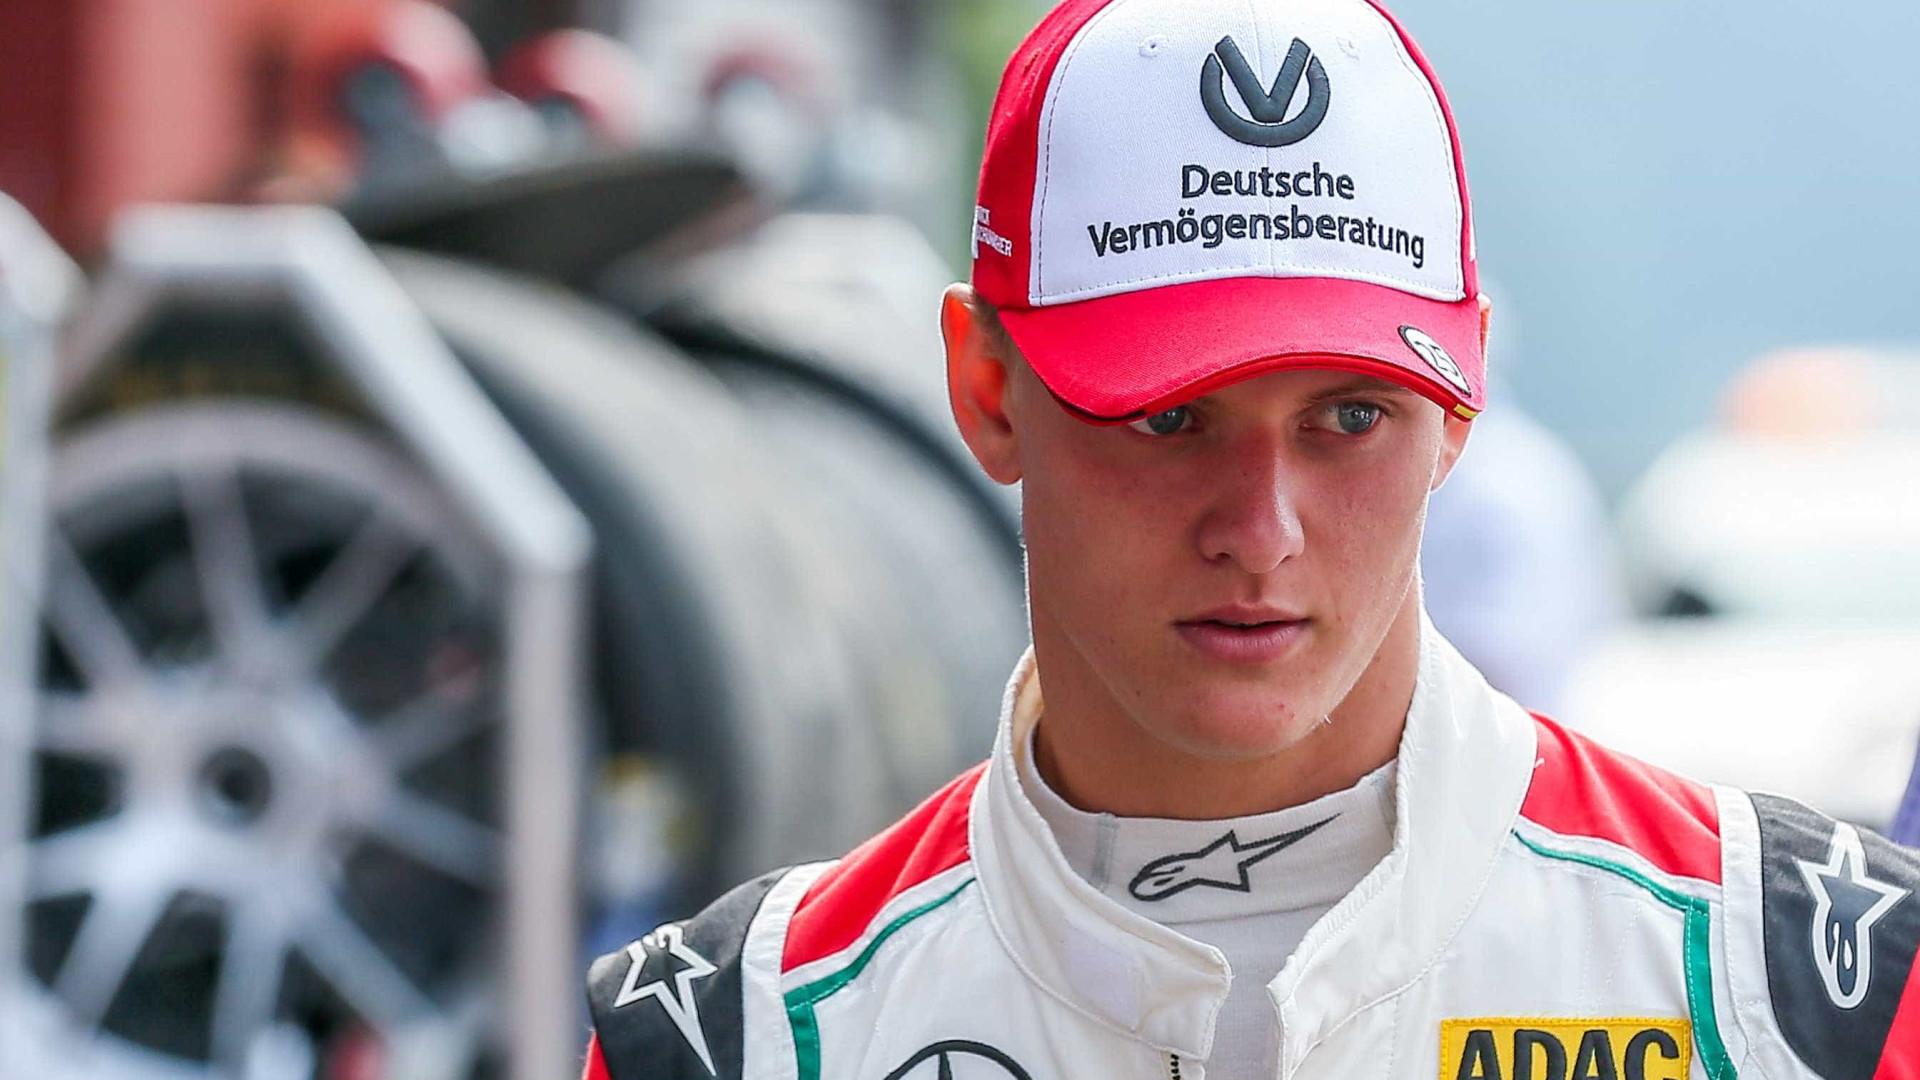 Filho de Schumacher supera Vettel mas título fica com mexicano